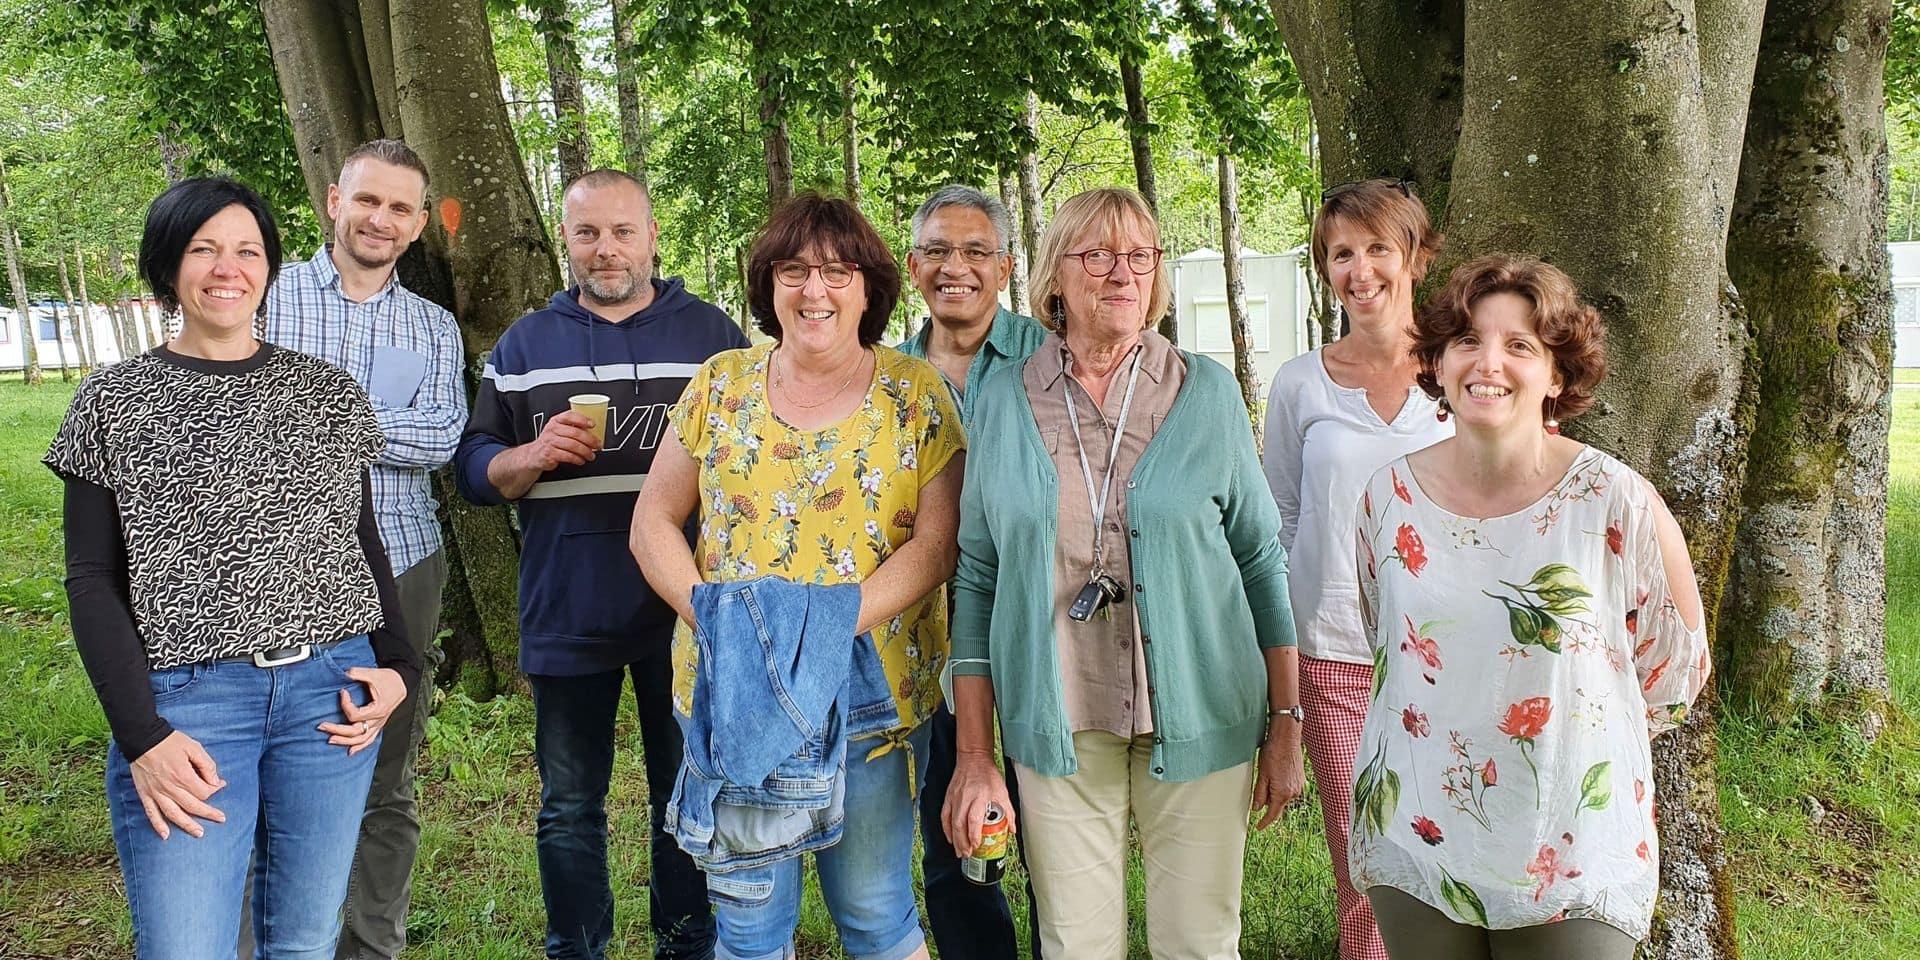 Le Centre Fedasil de Bovigny fête ses 20 ans